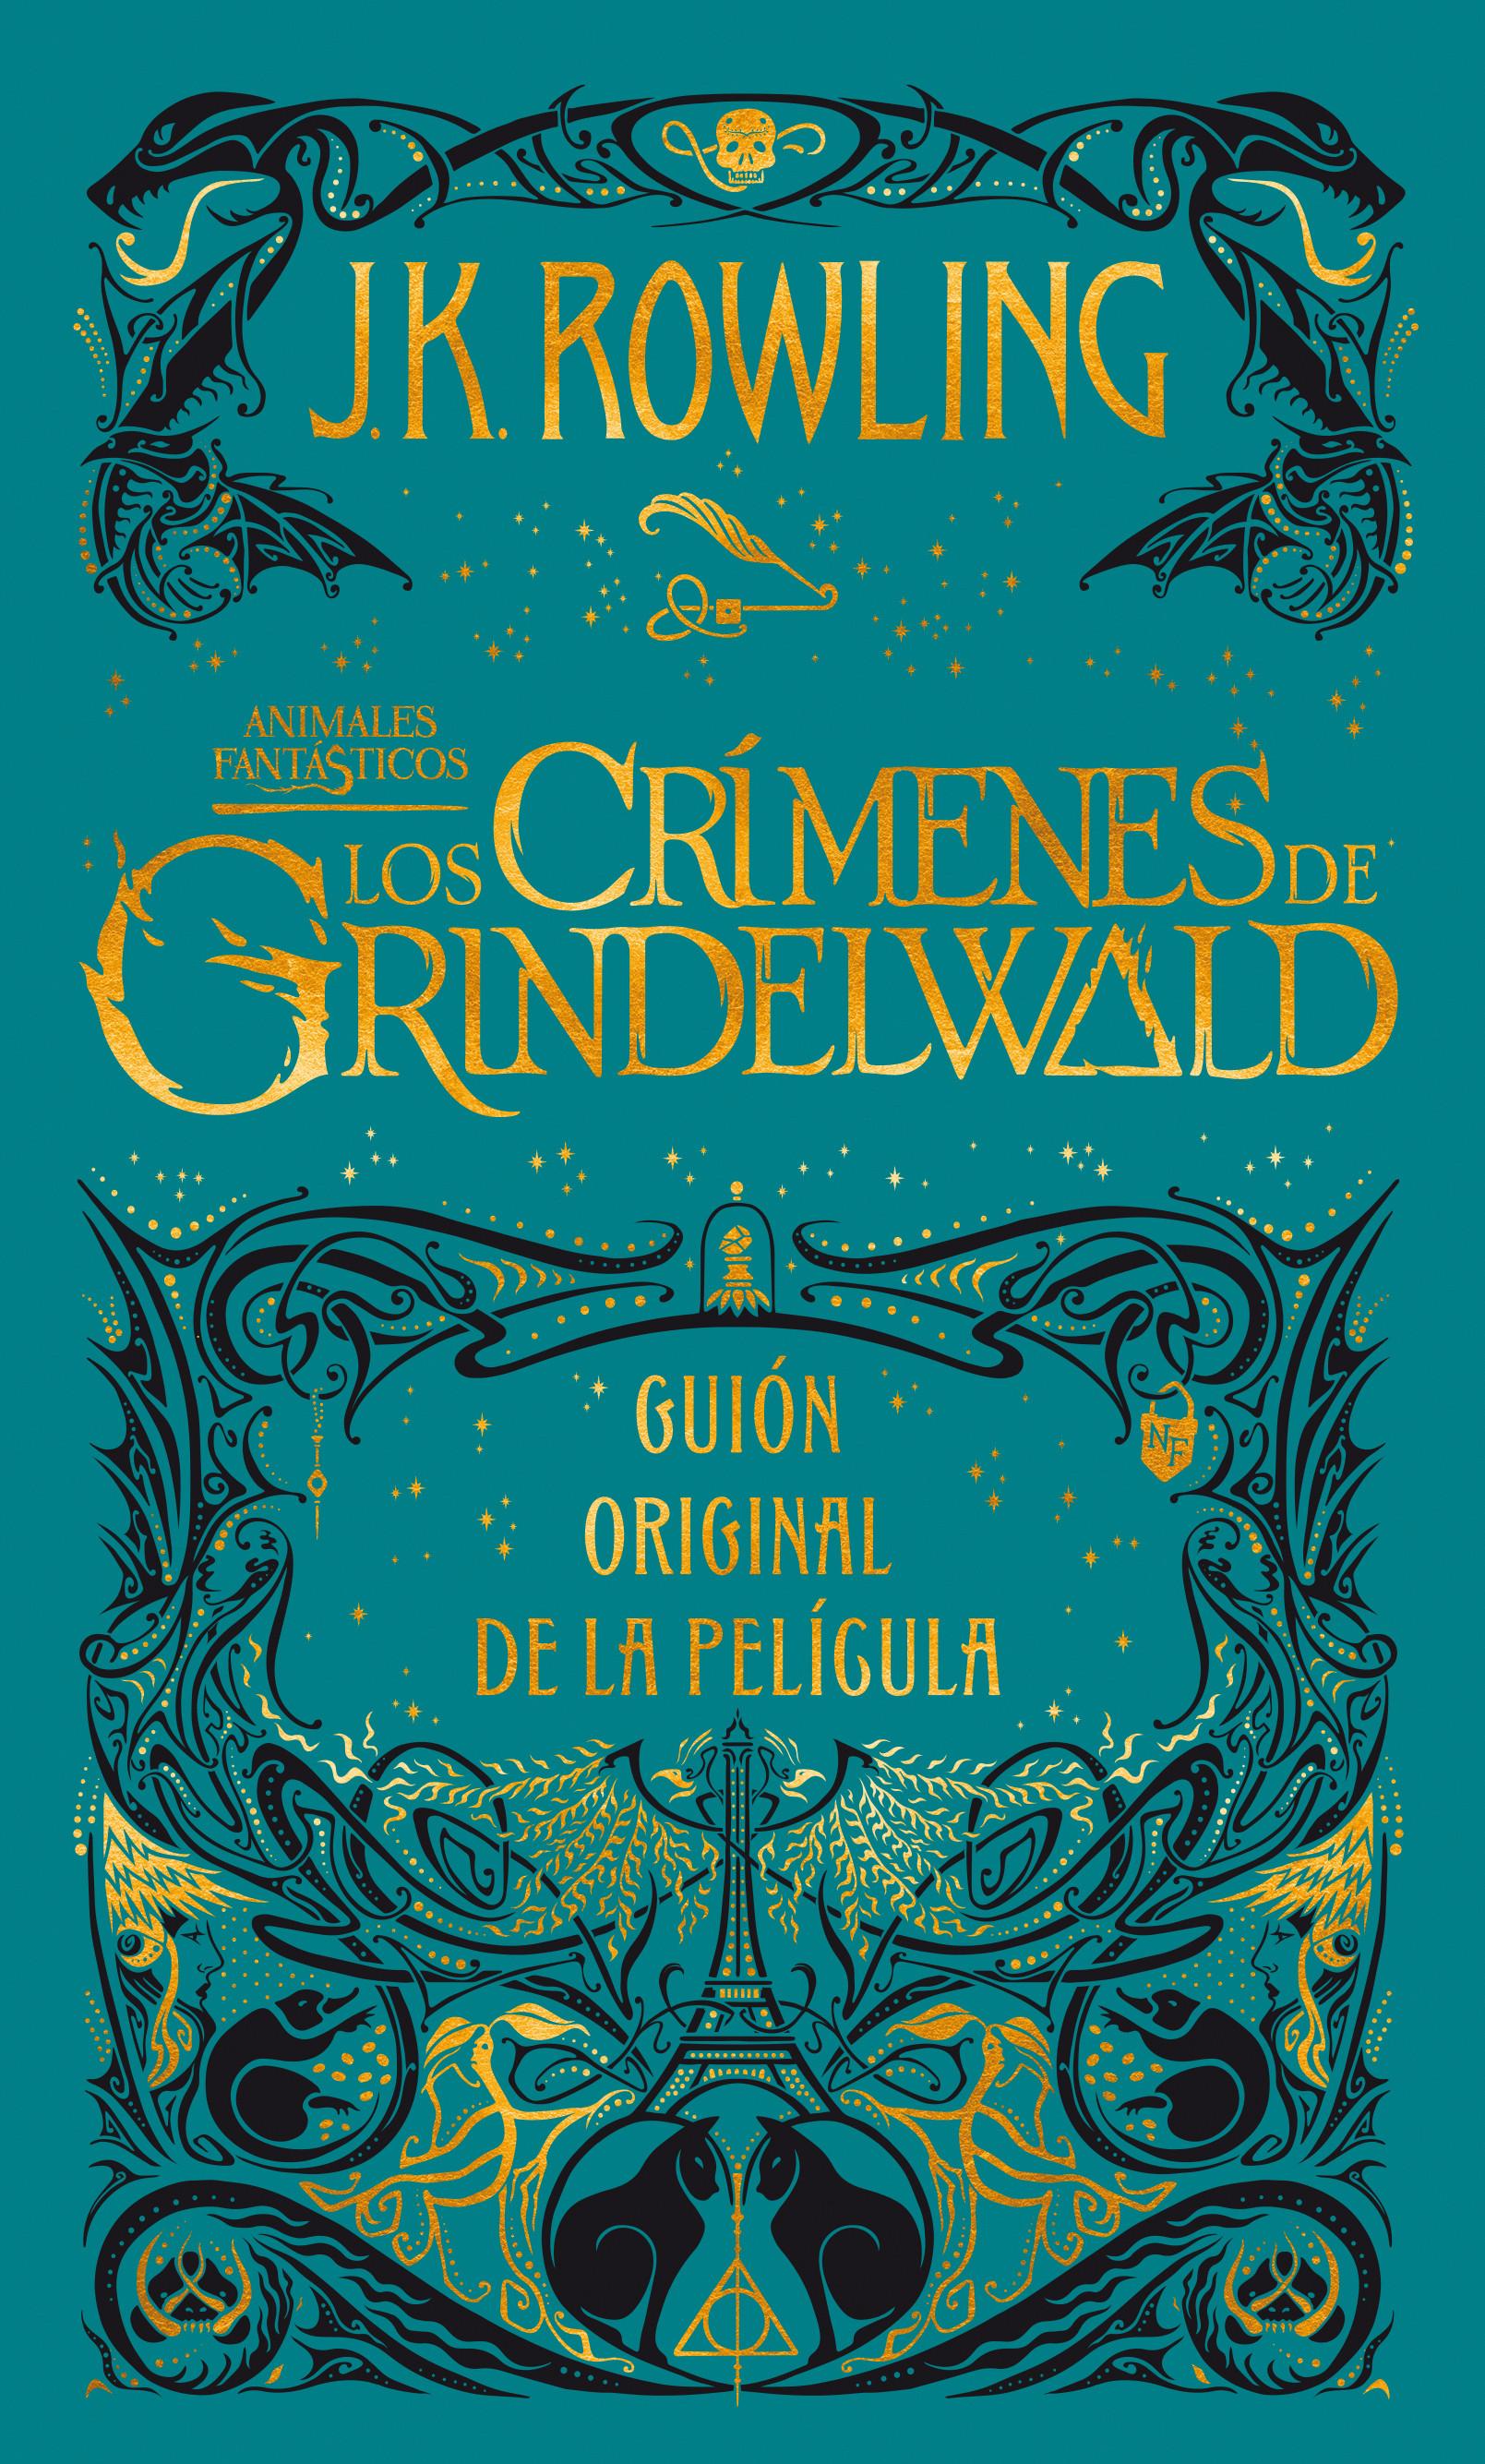 Los crímenes de Grindelwald. Guión original de la película